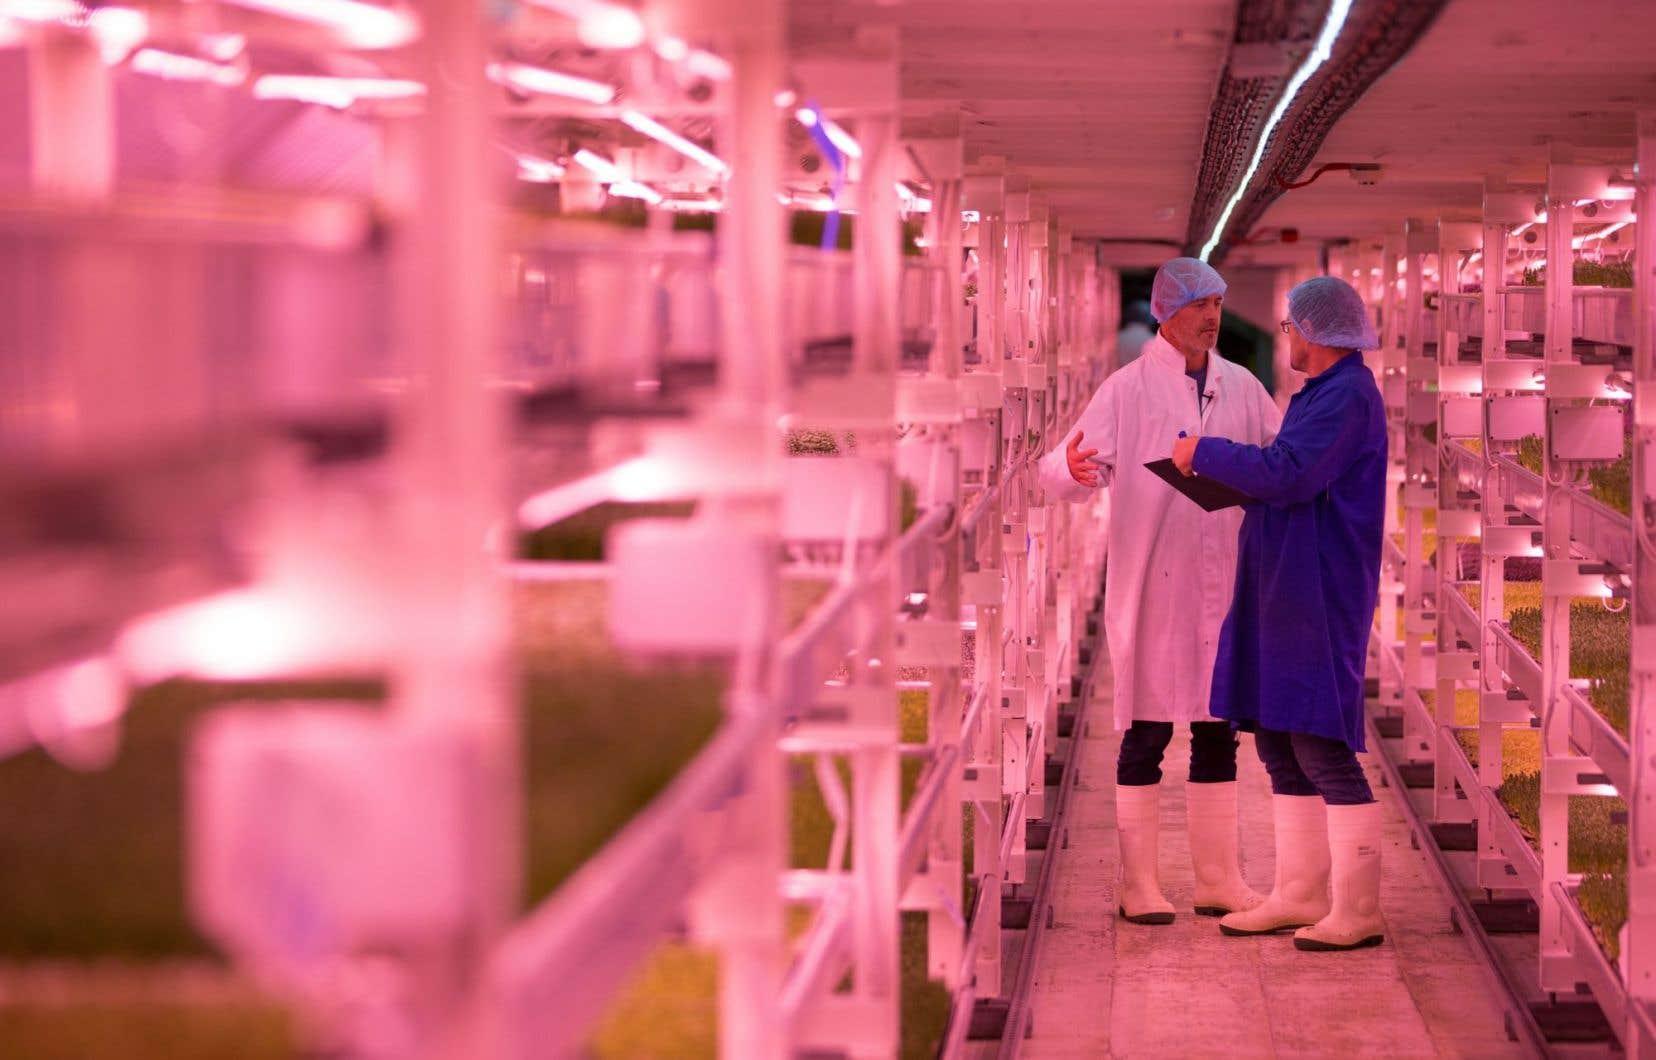 Avec leur projet «Growing underground», Steven Dring et son partenaire Richard Ballard se sont engouffrés dans «l'agriculture verticale».